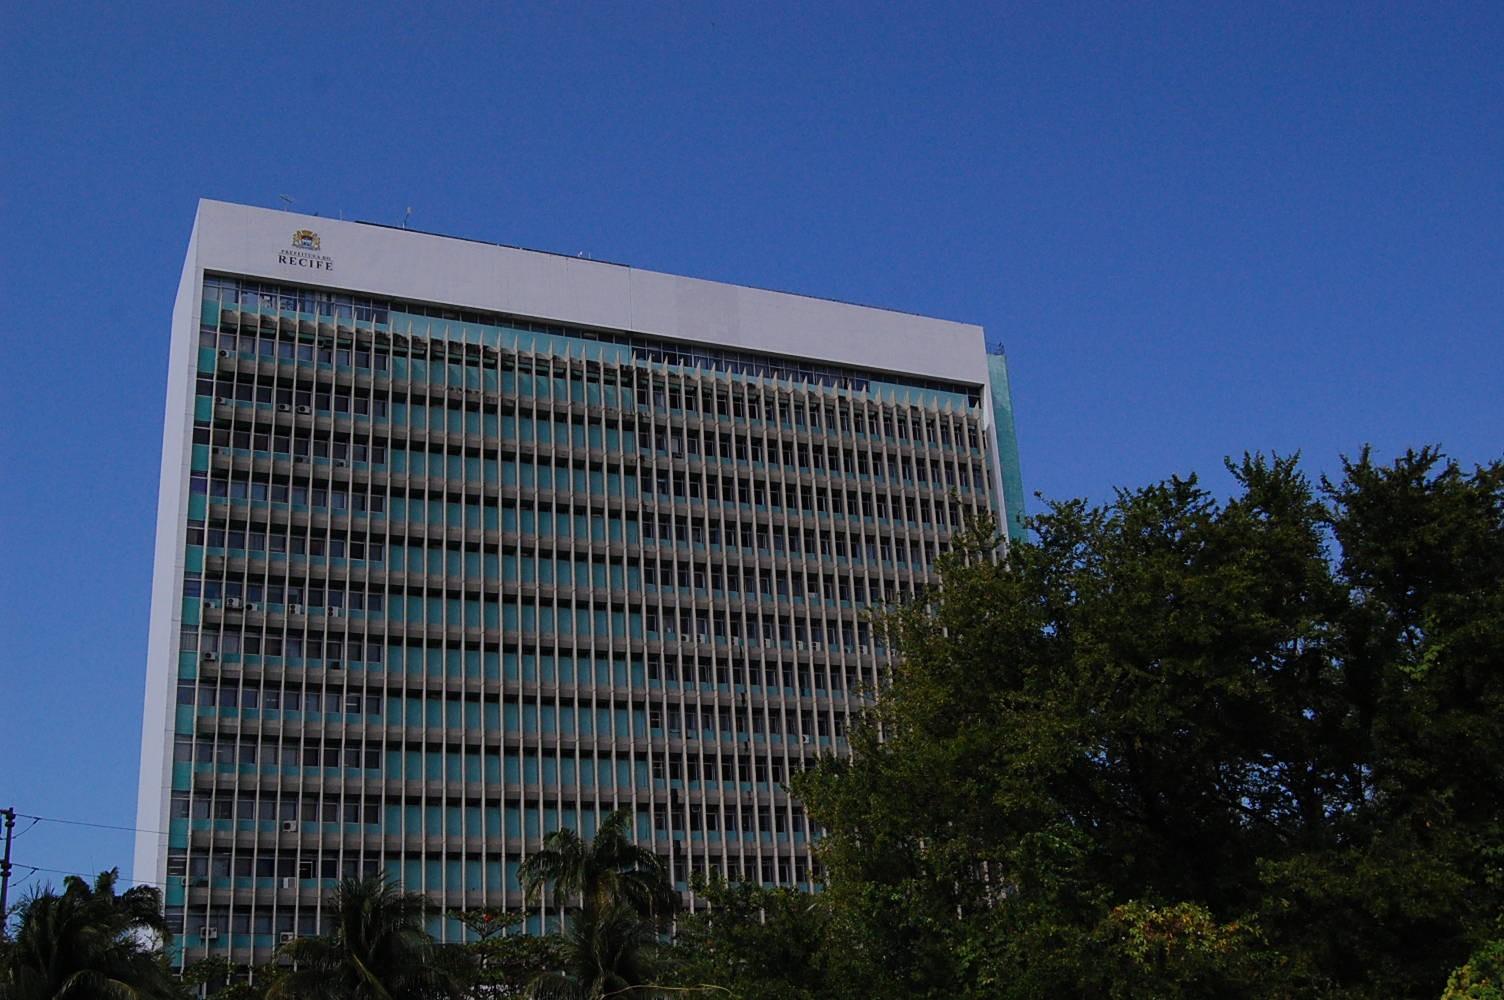 Solicitação de licenciamentos para habitação e obras em imóveis no Recife passa a ser feita pela internet